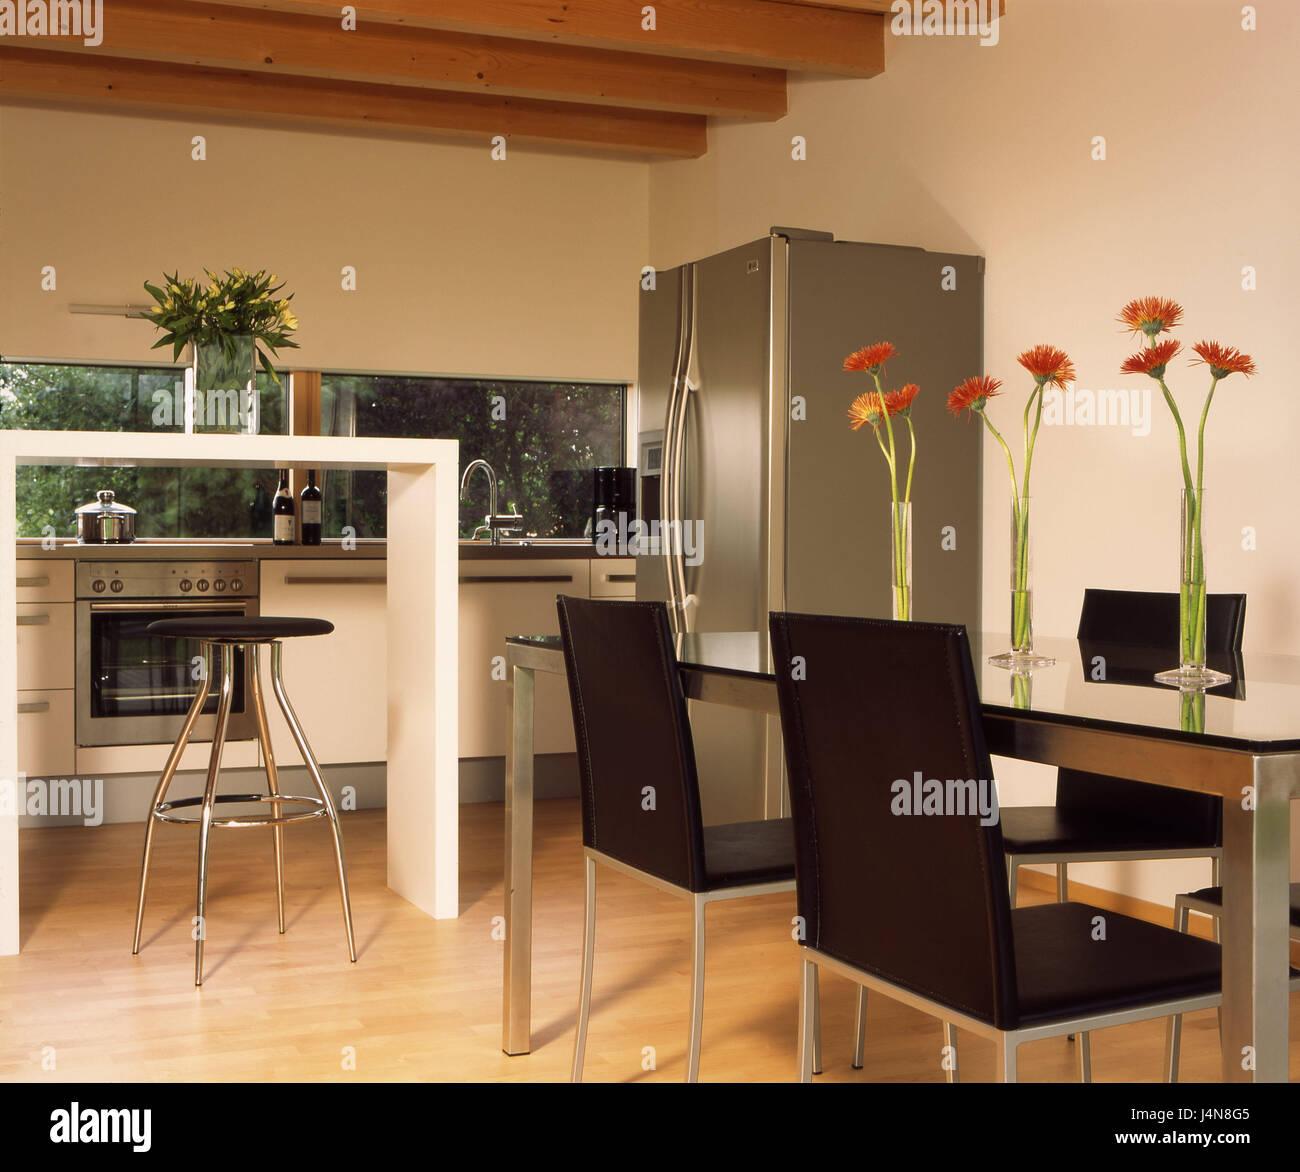 Wohnhaus Eberle, Küche, Restaurants, Bereich, moderne, Wohn-Haus ...